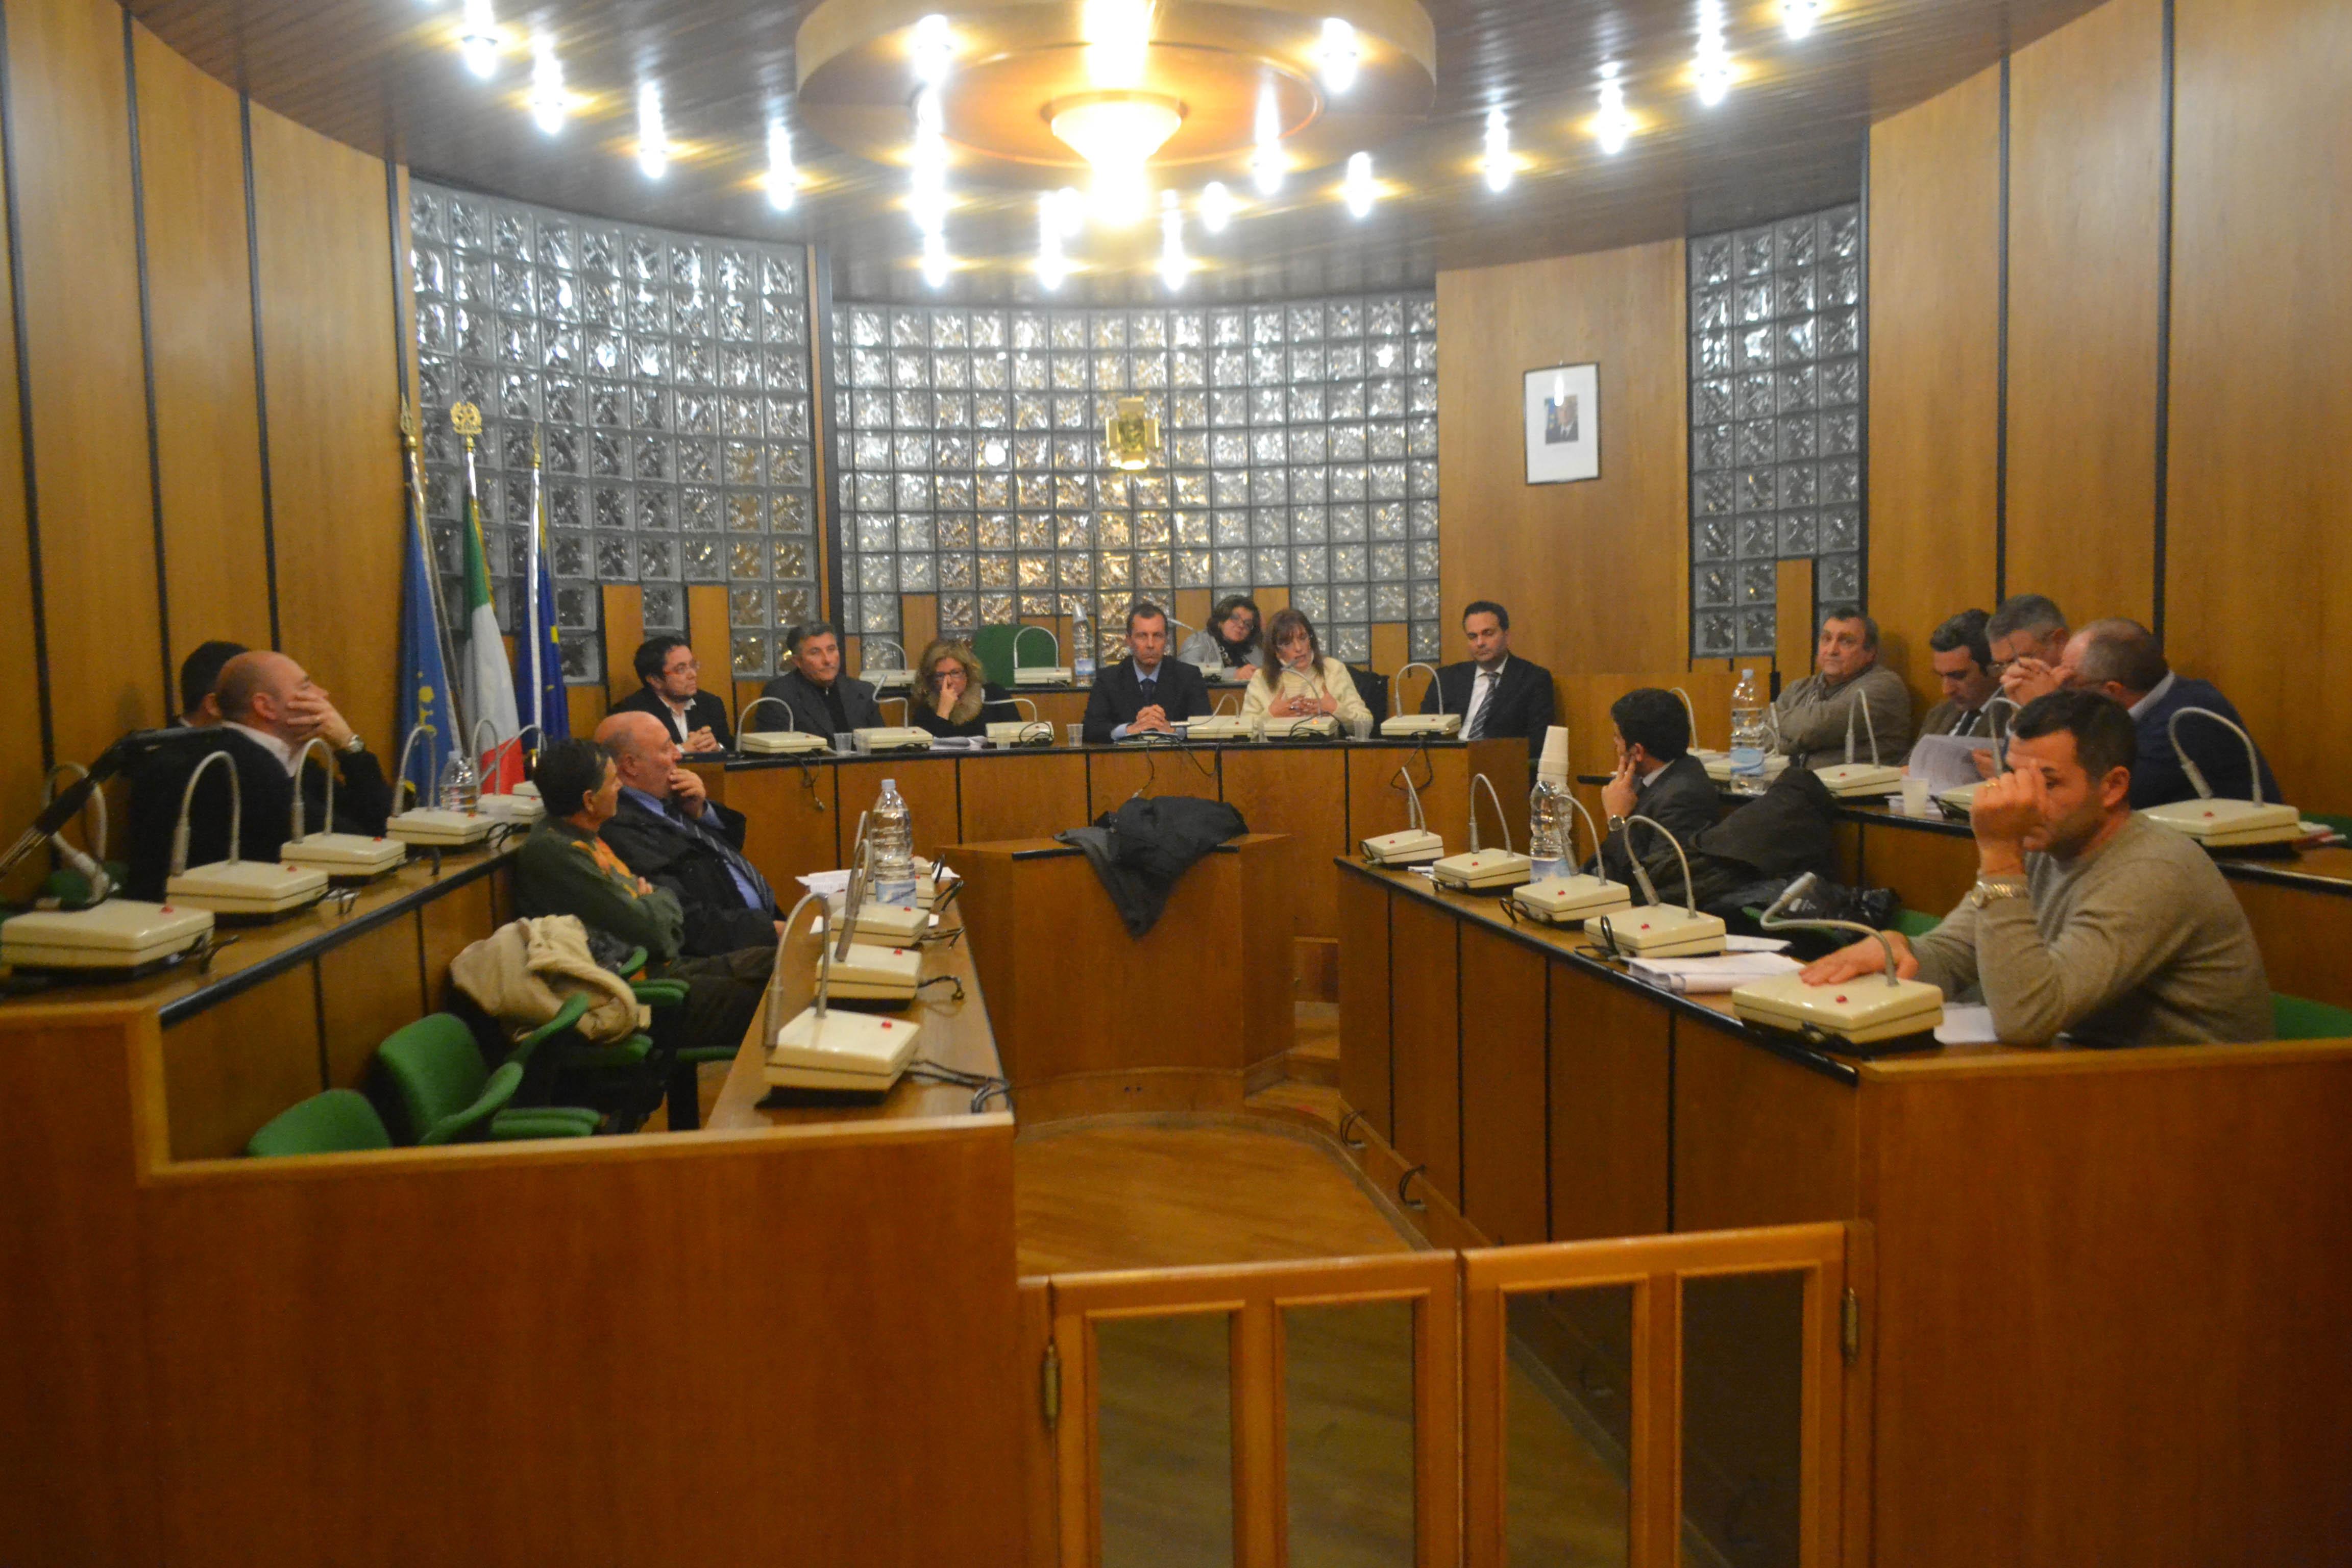 consiglio comunale mercoogliano 2